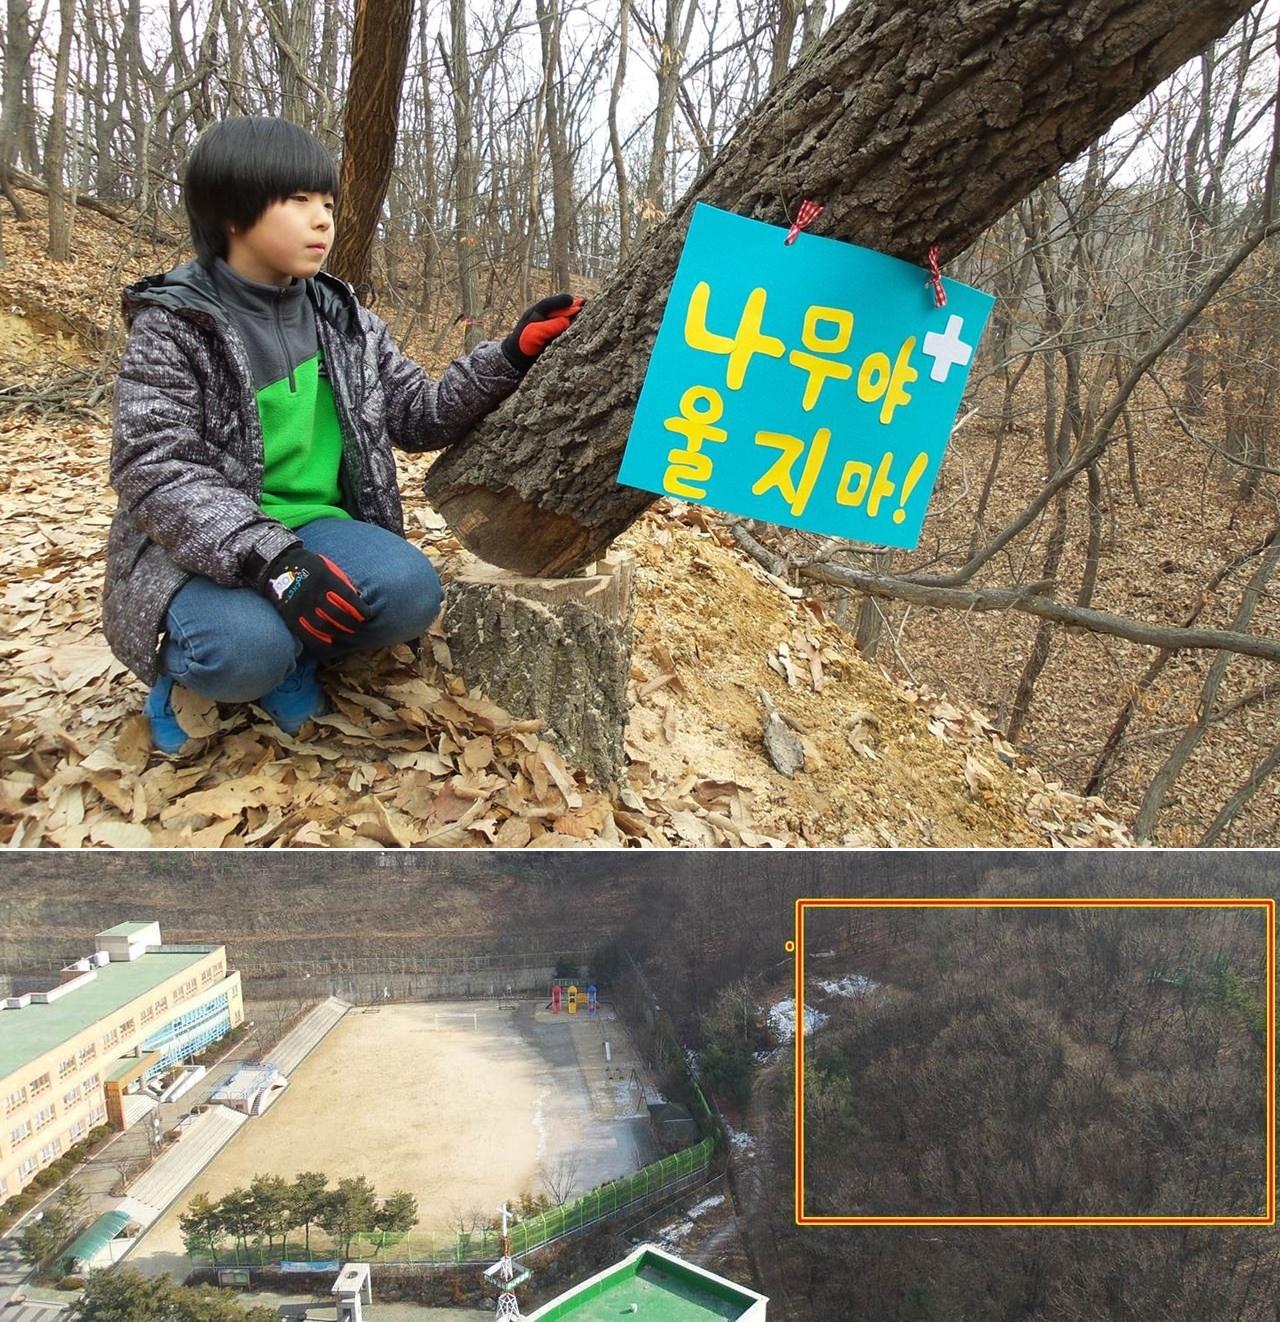 환경부의 부실한 환경영향평가 협의 덕에 초등학교 앞산이 몽창 잘려나간다. 사라지는 숲 면적이 초등학교보다 더 넓다. 숲이 사라지고 그 자리에 매일 화학약품으로 콘크리트 강도를 실험하는 시설이 들어섰다고 생각해보라. 과연 이게 정상적인 나라인가? 울고 있는 나무를 위로하는 아이들에게 더 이상 부끄럽지 않은 어른이 되자. 환경부와 용인시와 S사의 각성을 촉구한다.